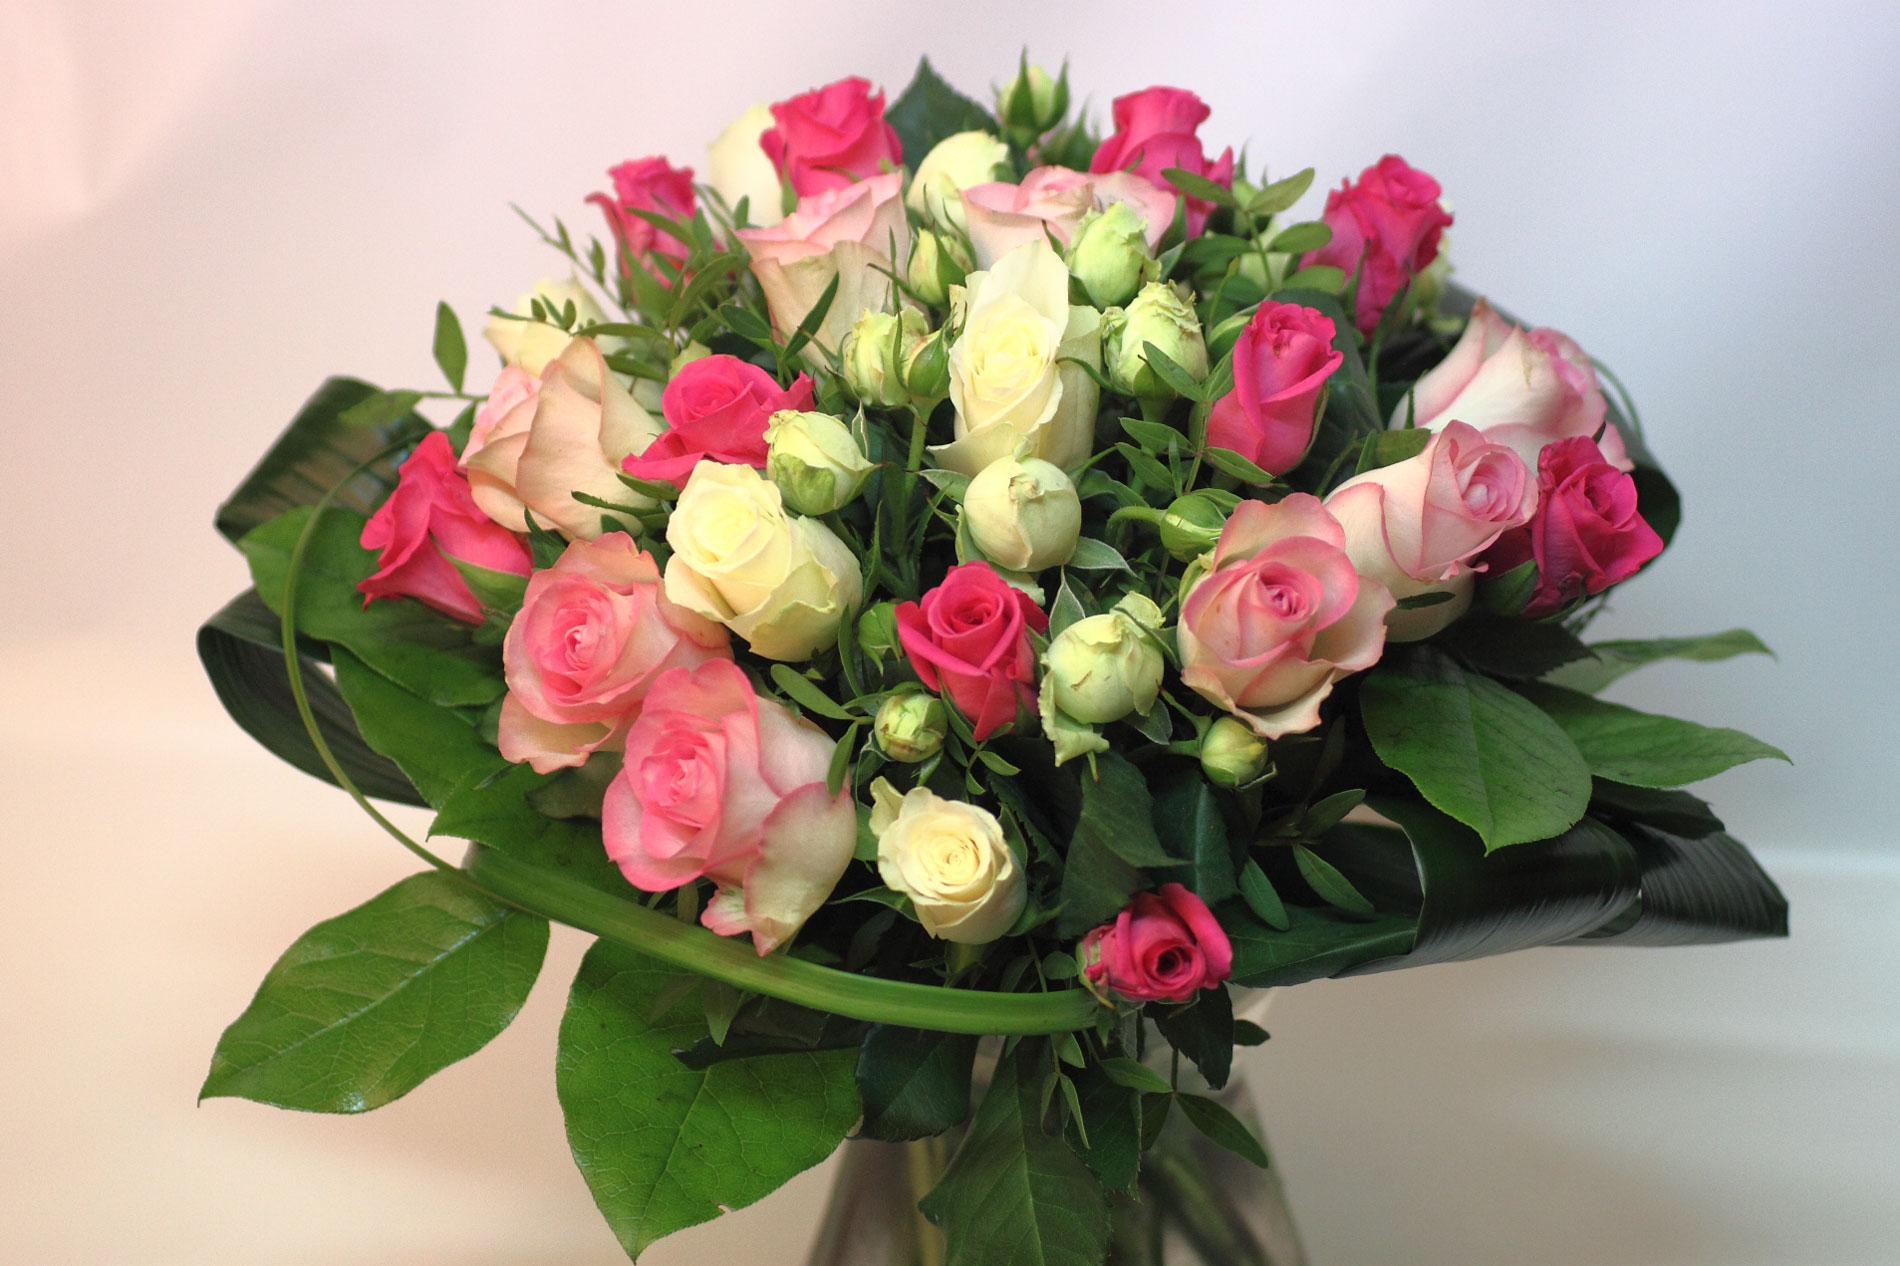 blommor till födelsedag 31. Födelsedag   Sunds Trädgård, Jakobstad   blommor, trädgård  blommor till födelsedag